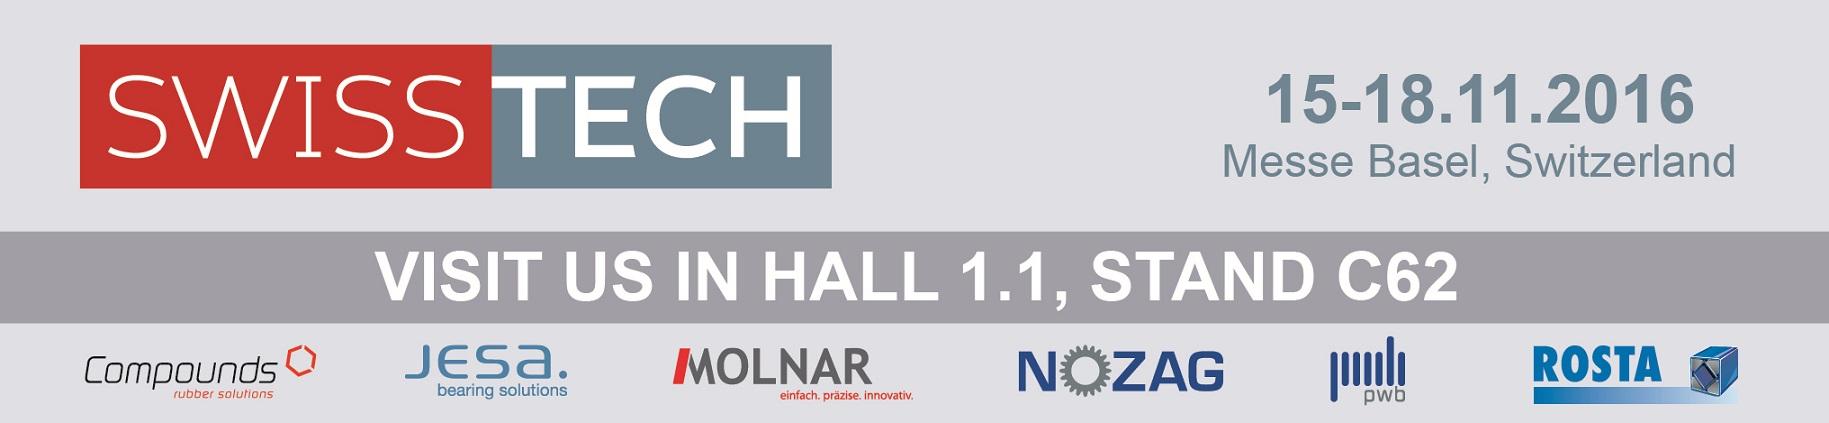 Swisstech banner